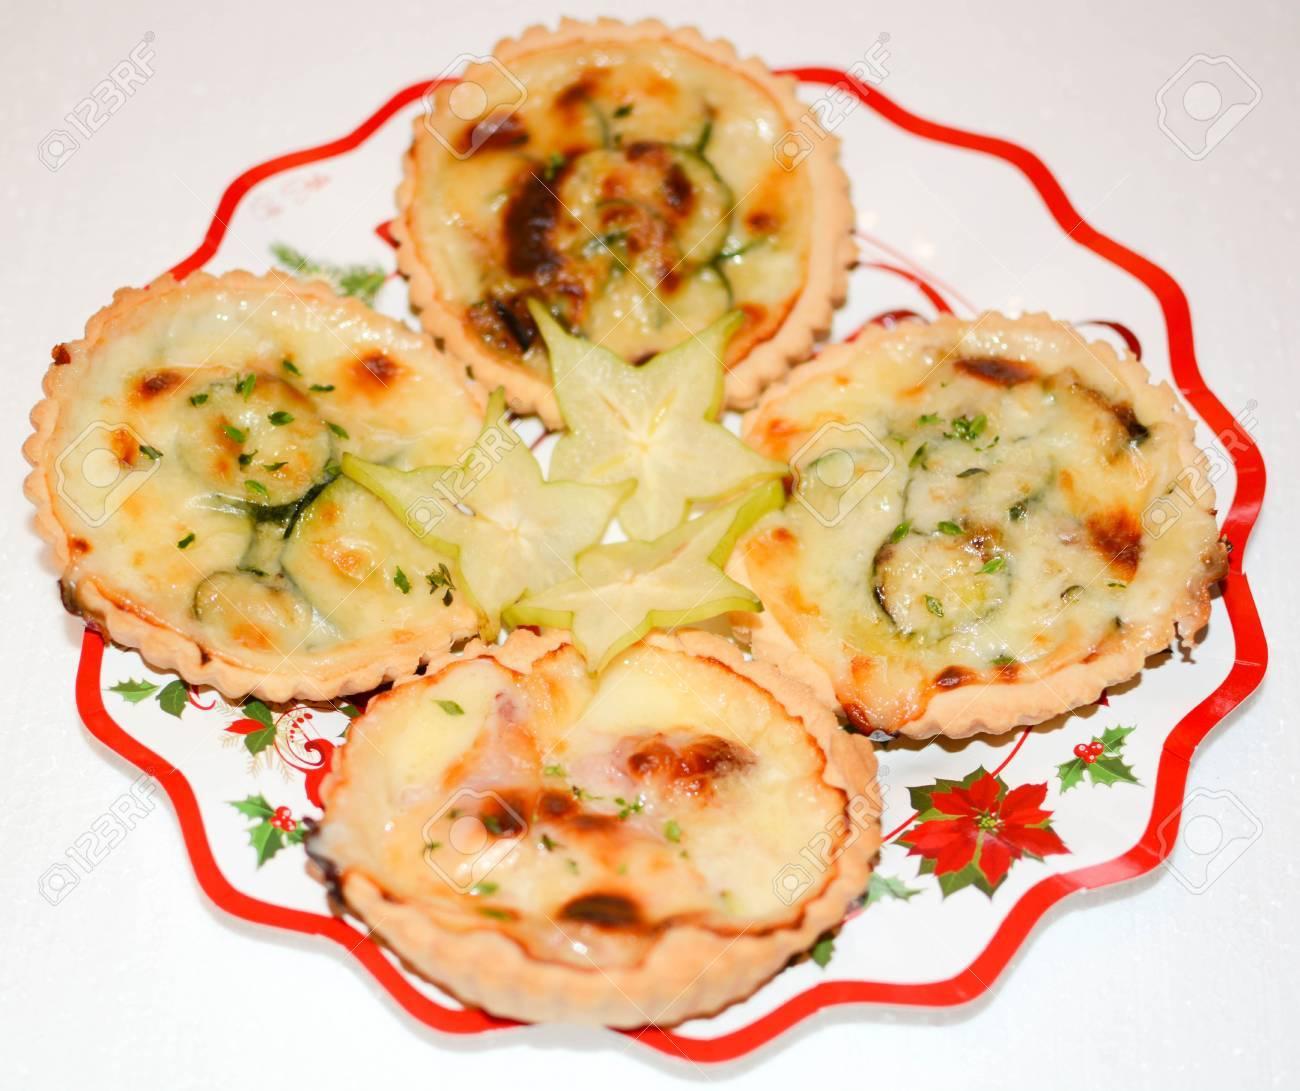 Original Fingerfood Der Italienischen Küche Lizenzfreie Fotos ...